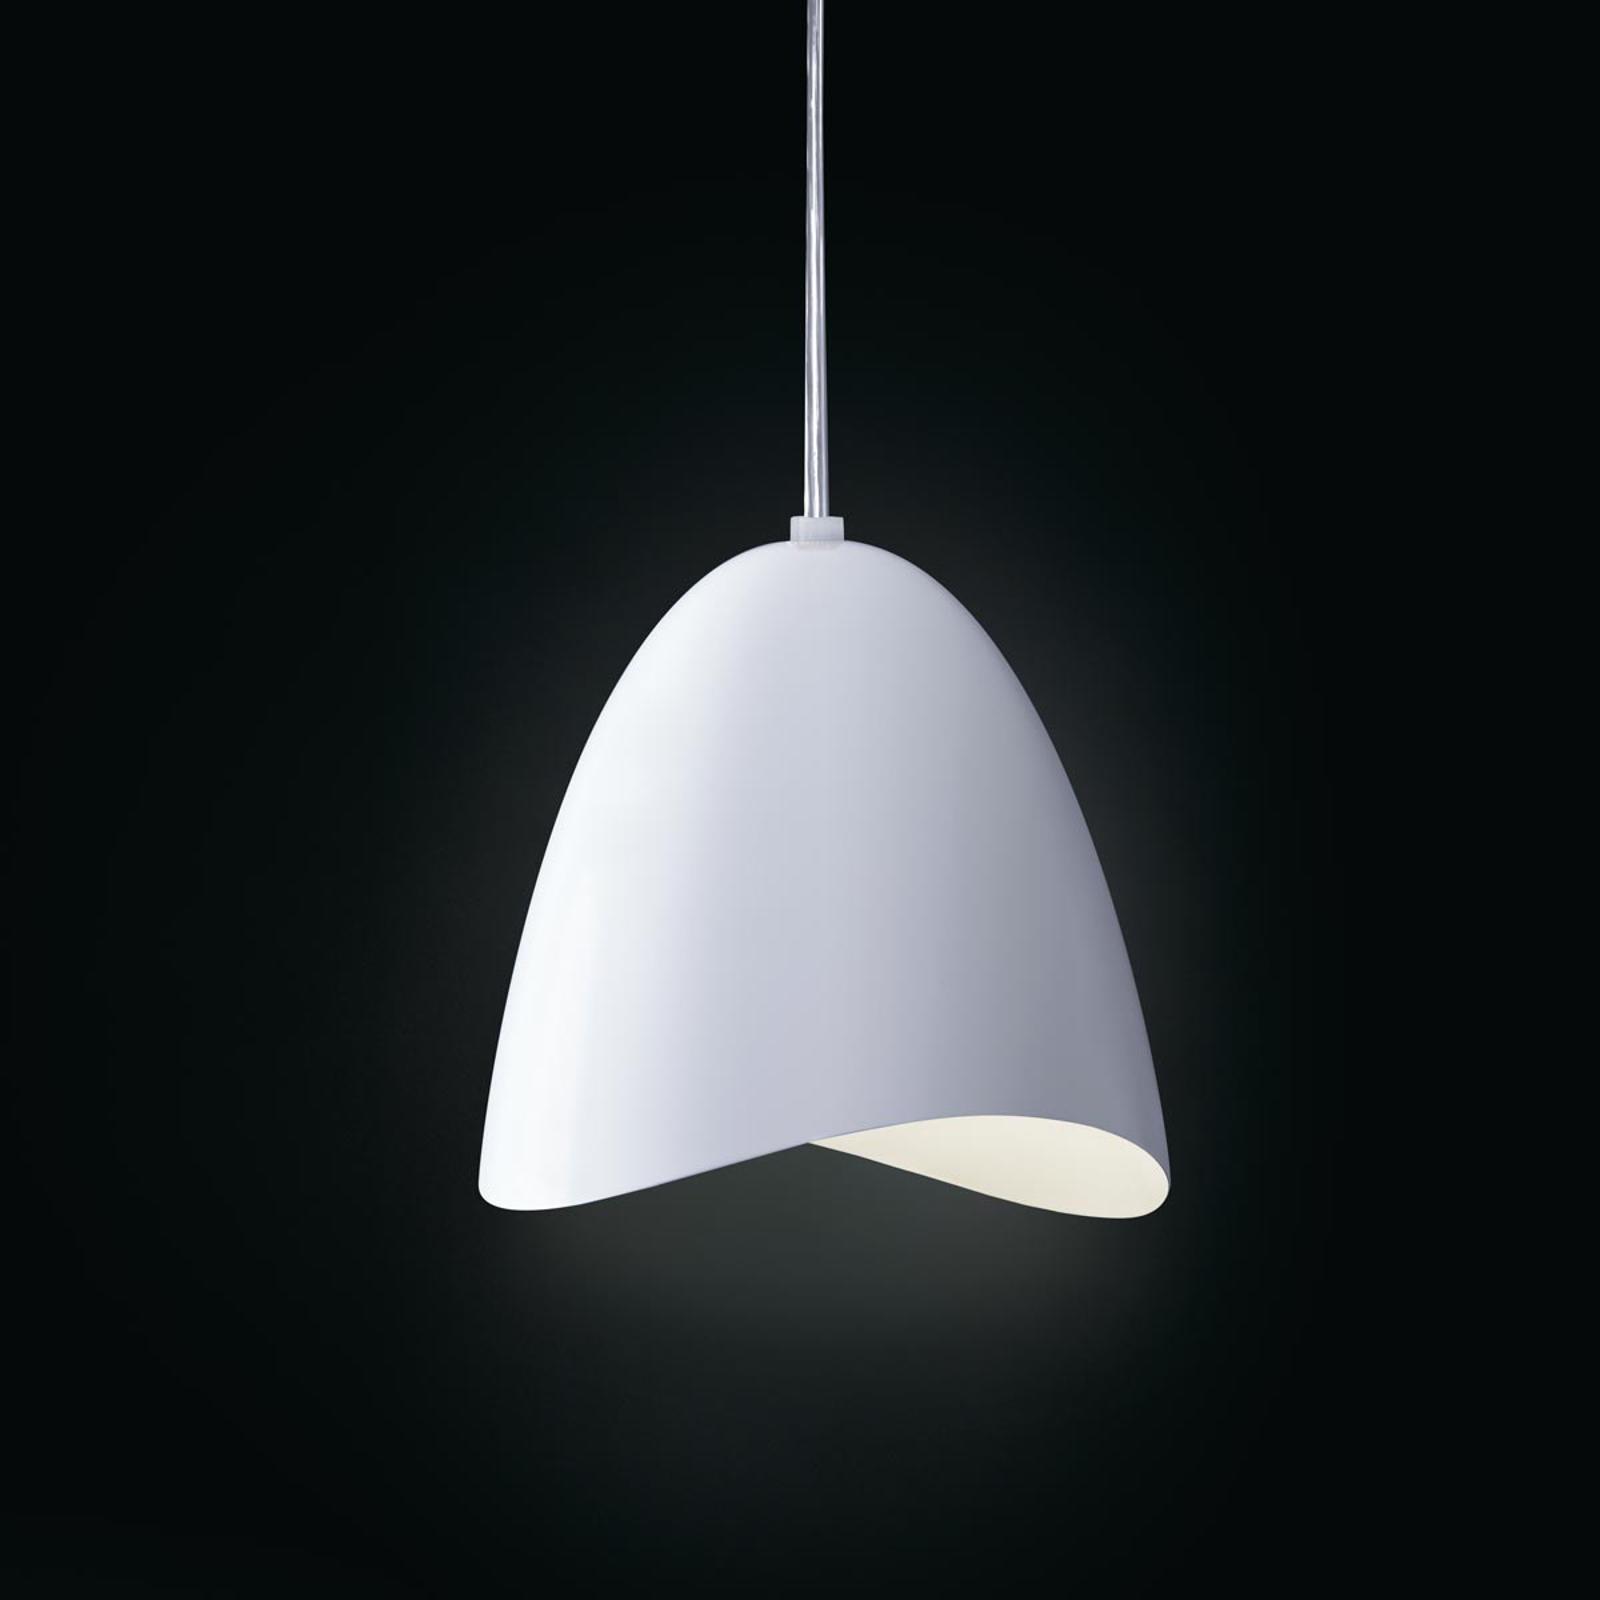 Błyszcząca biała lampa wisząca LED Mirage